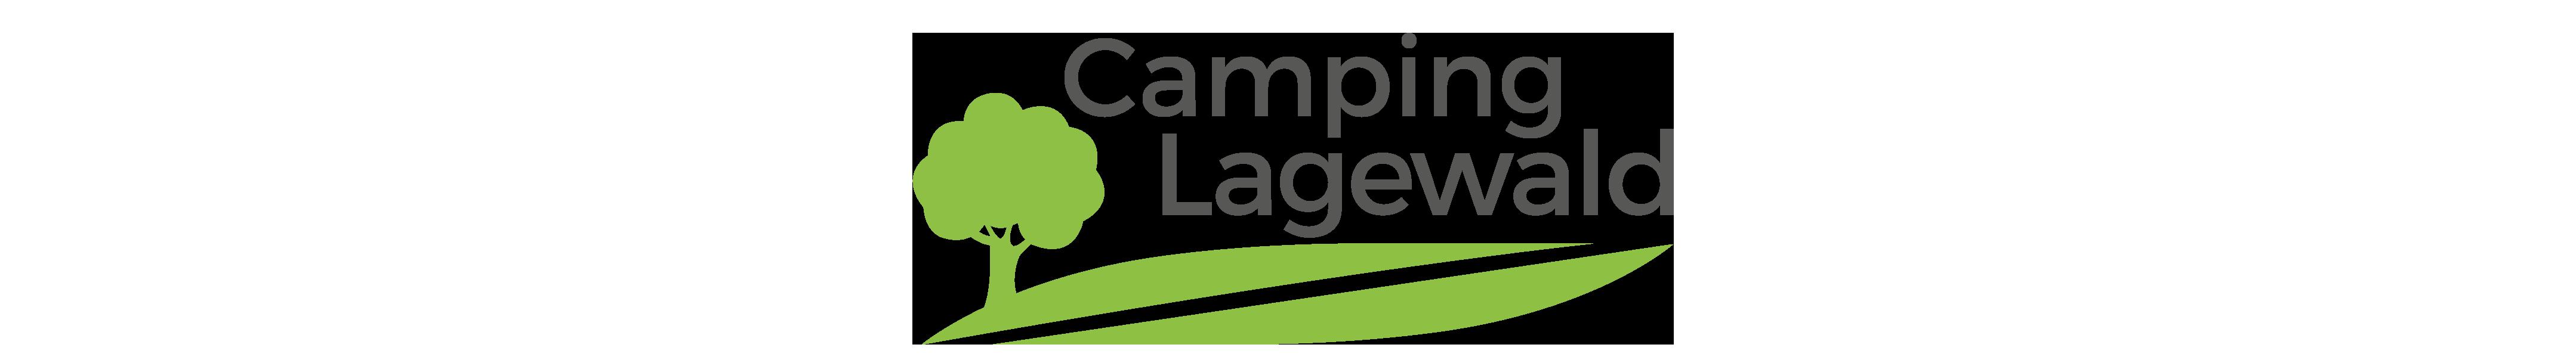 Camping Lagewald logo